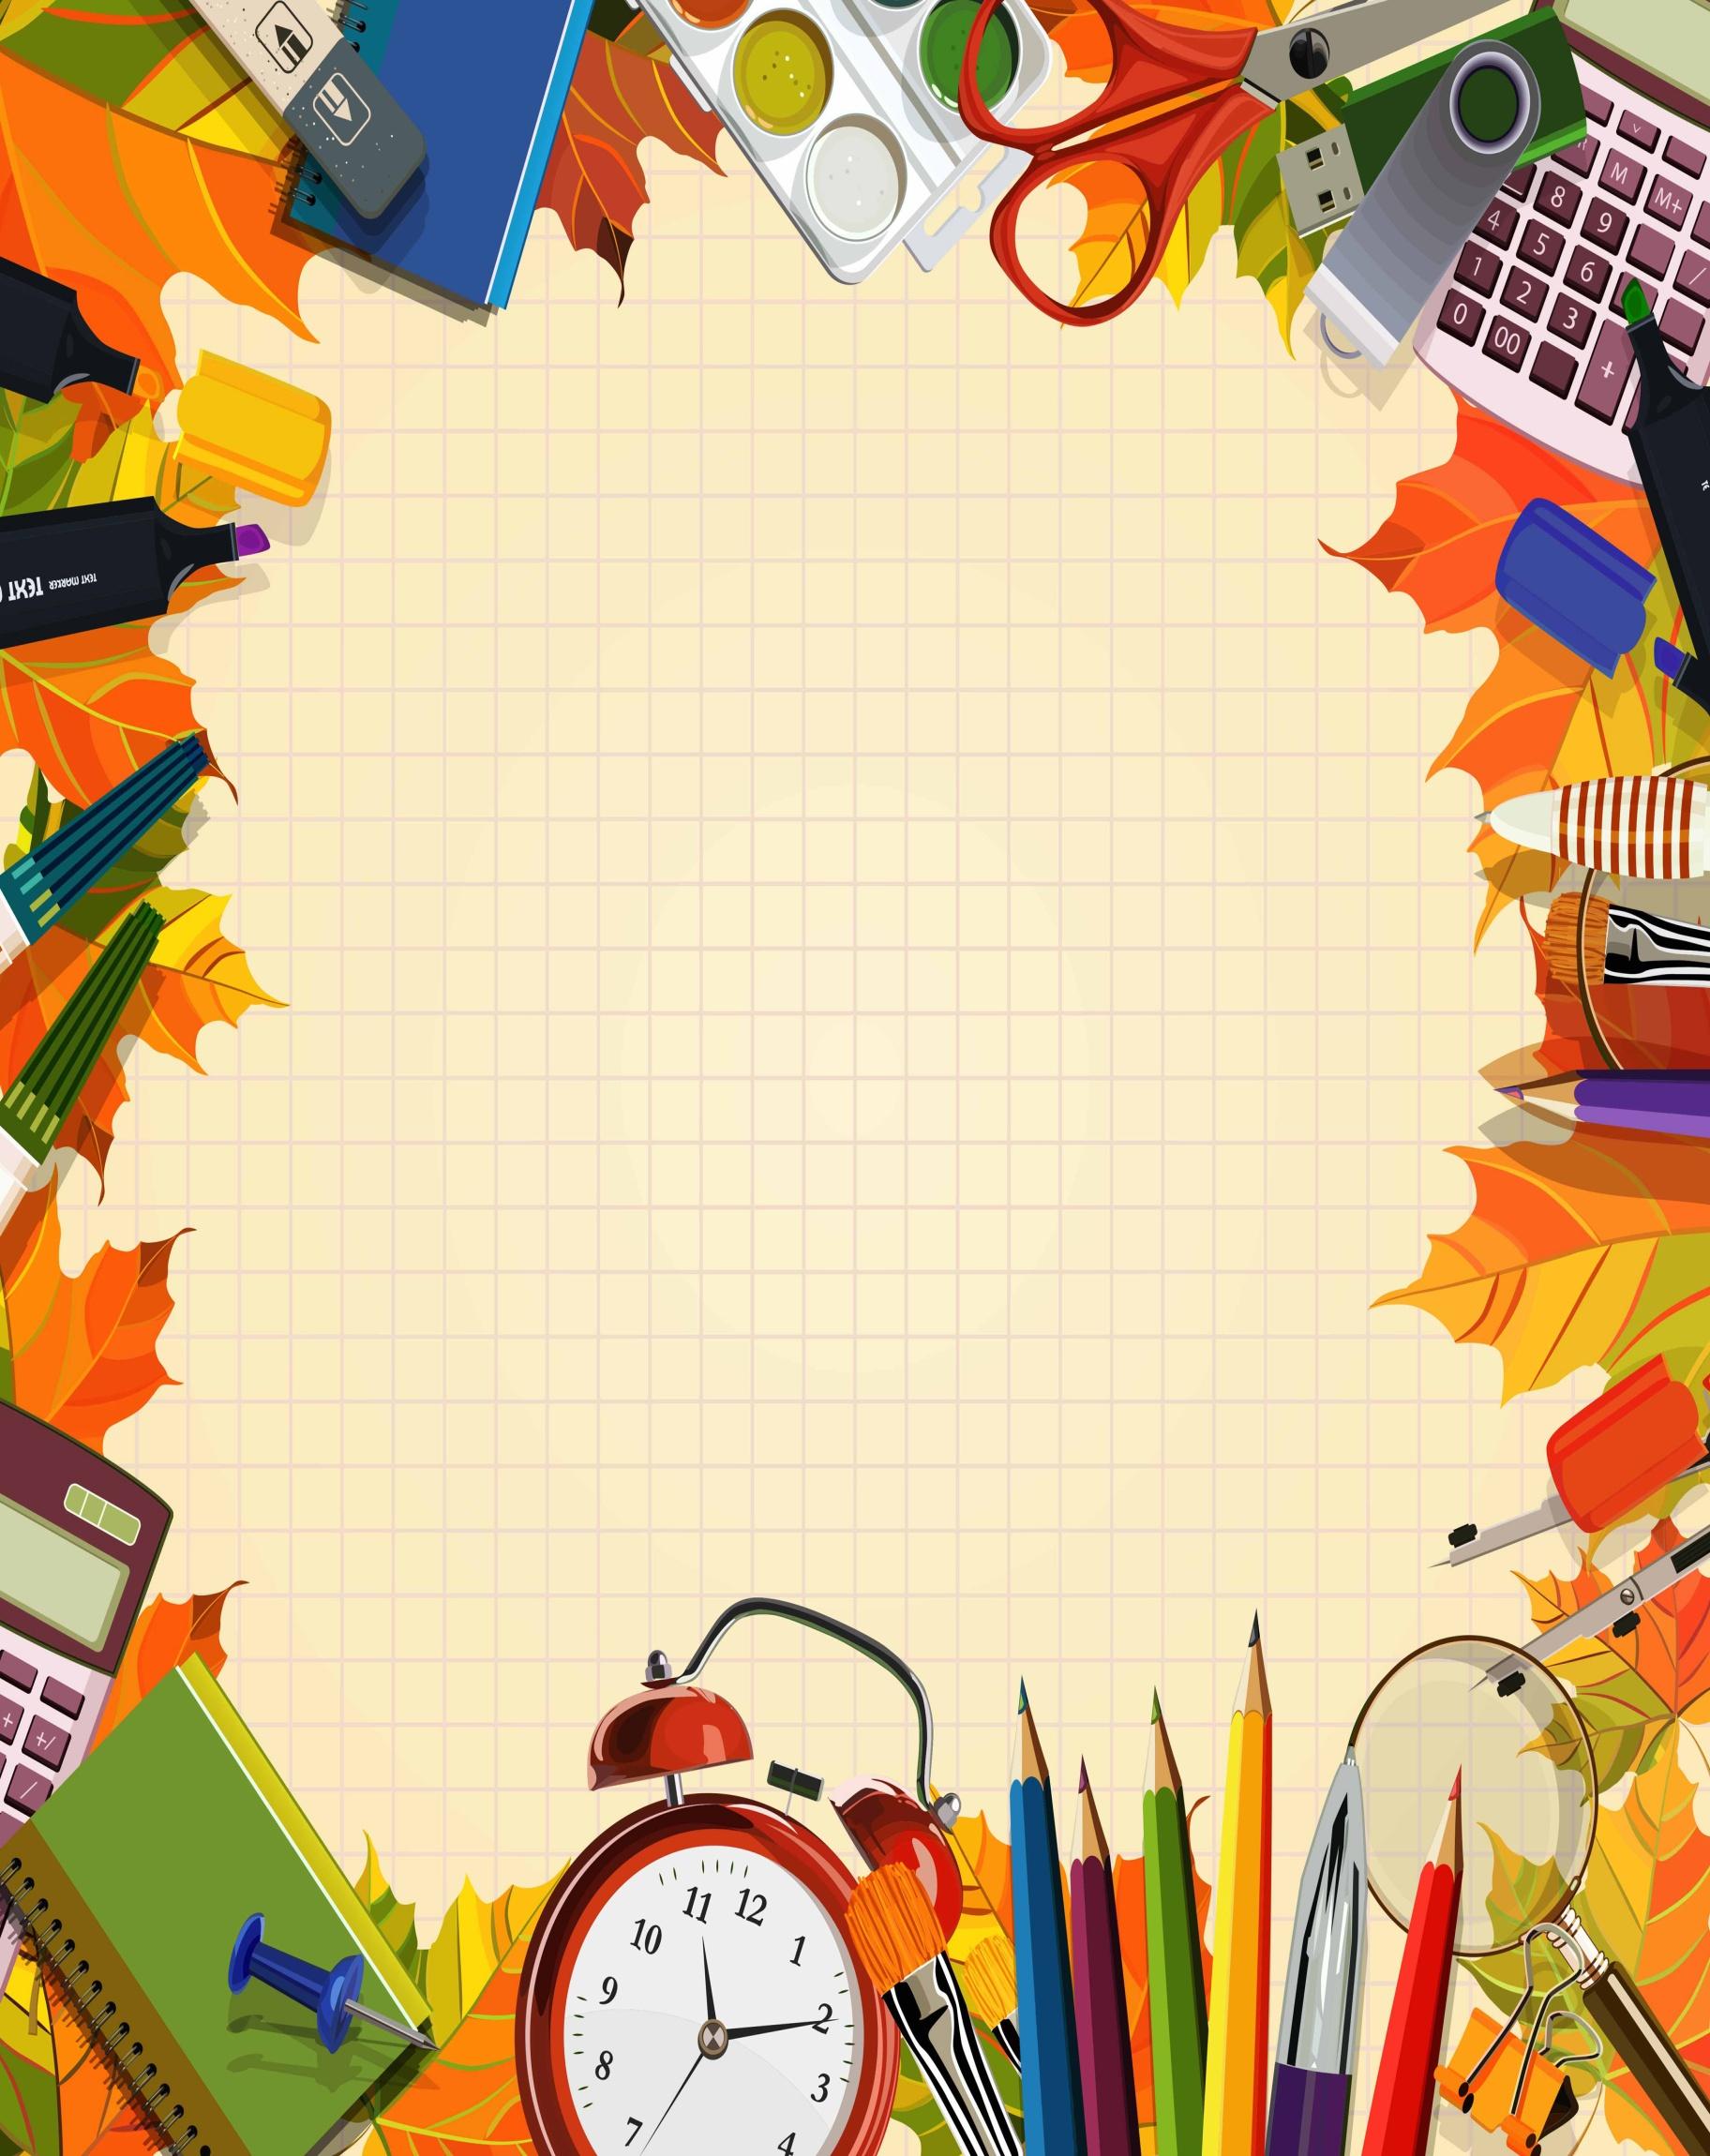 Картинки шаблоны на школьную тему, открытки